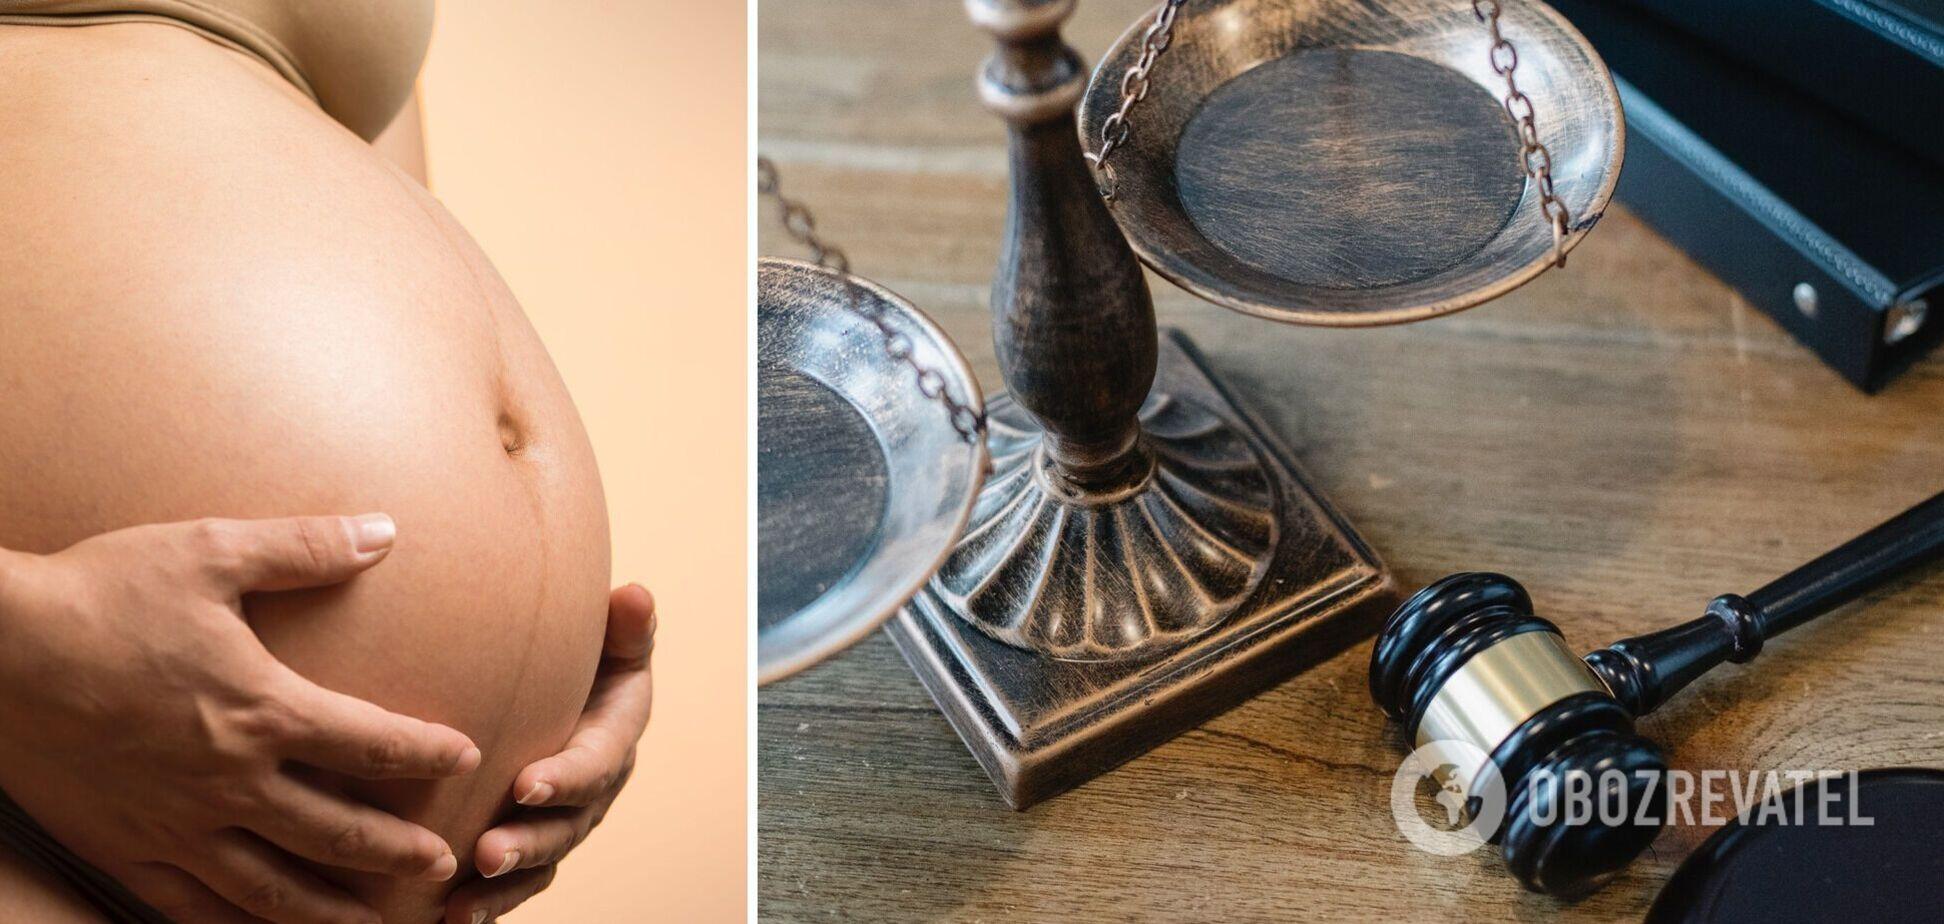 Суд ухвалив рішення щодо хлопця, який зґвалтував малолітню дівчинку